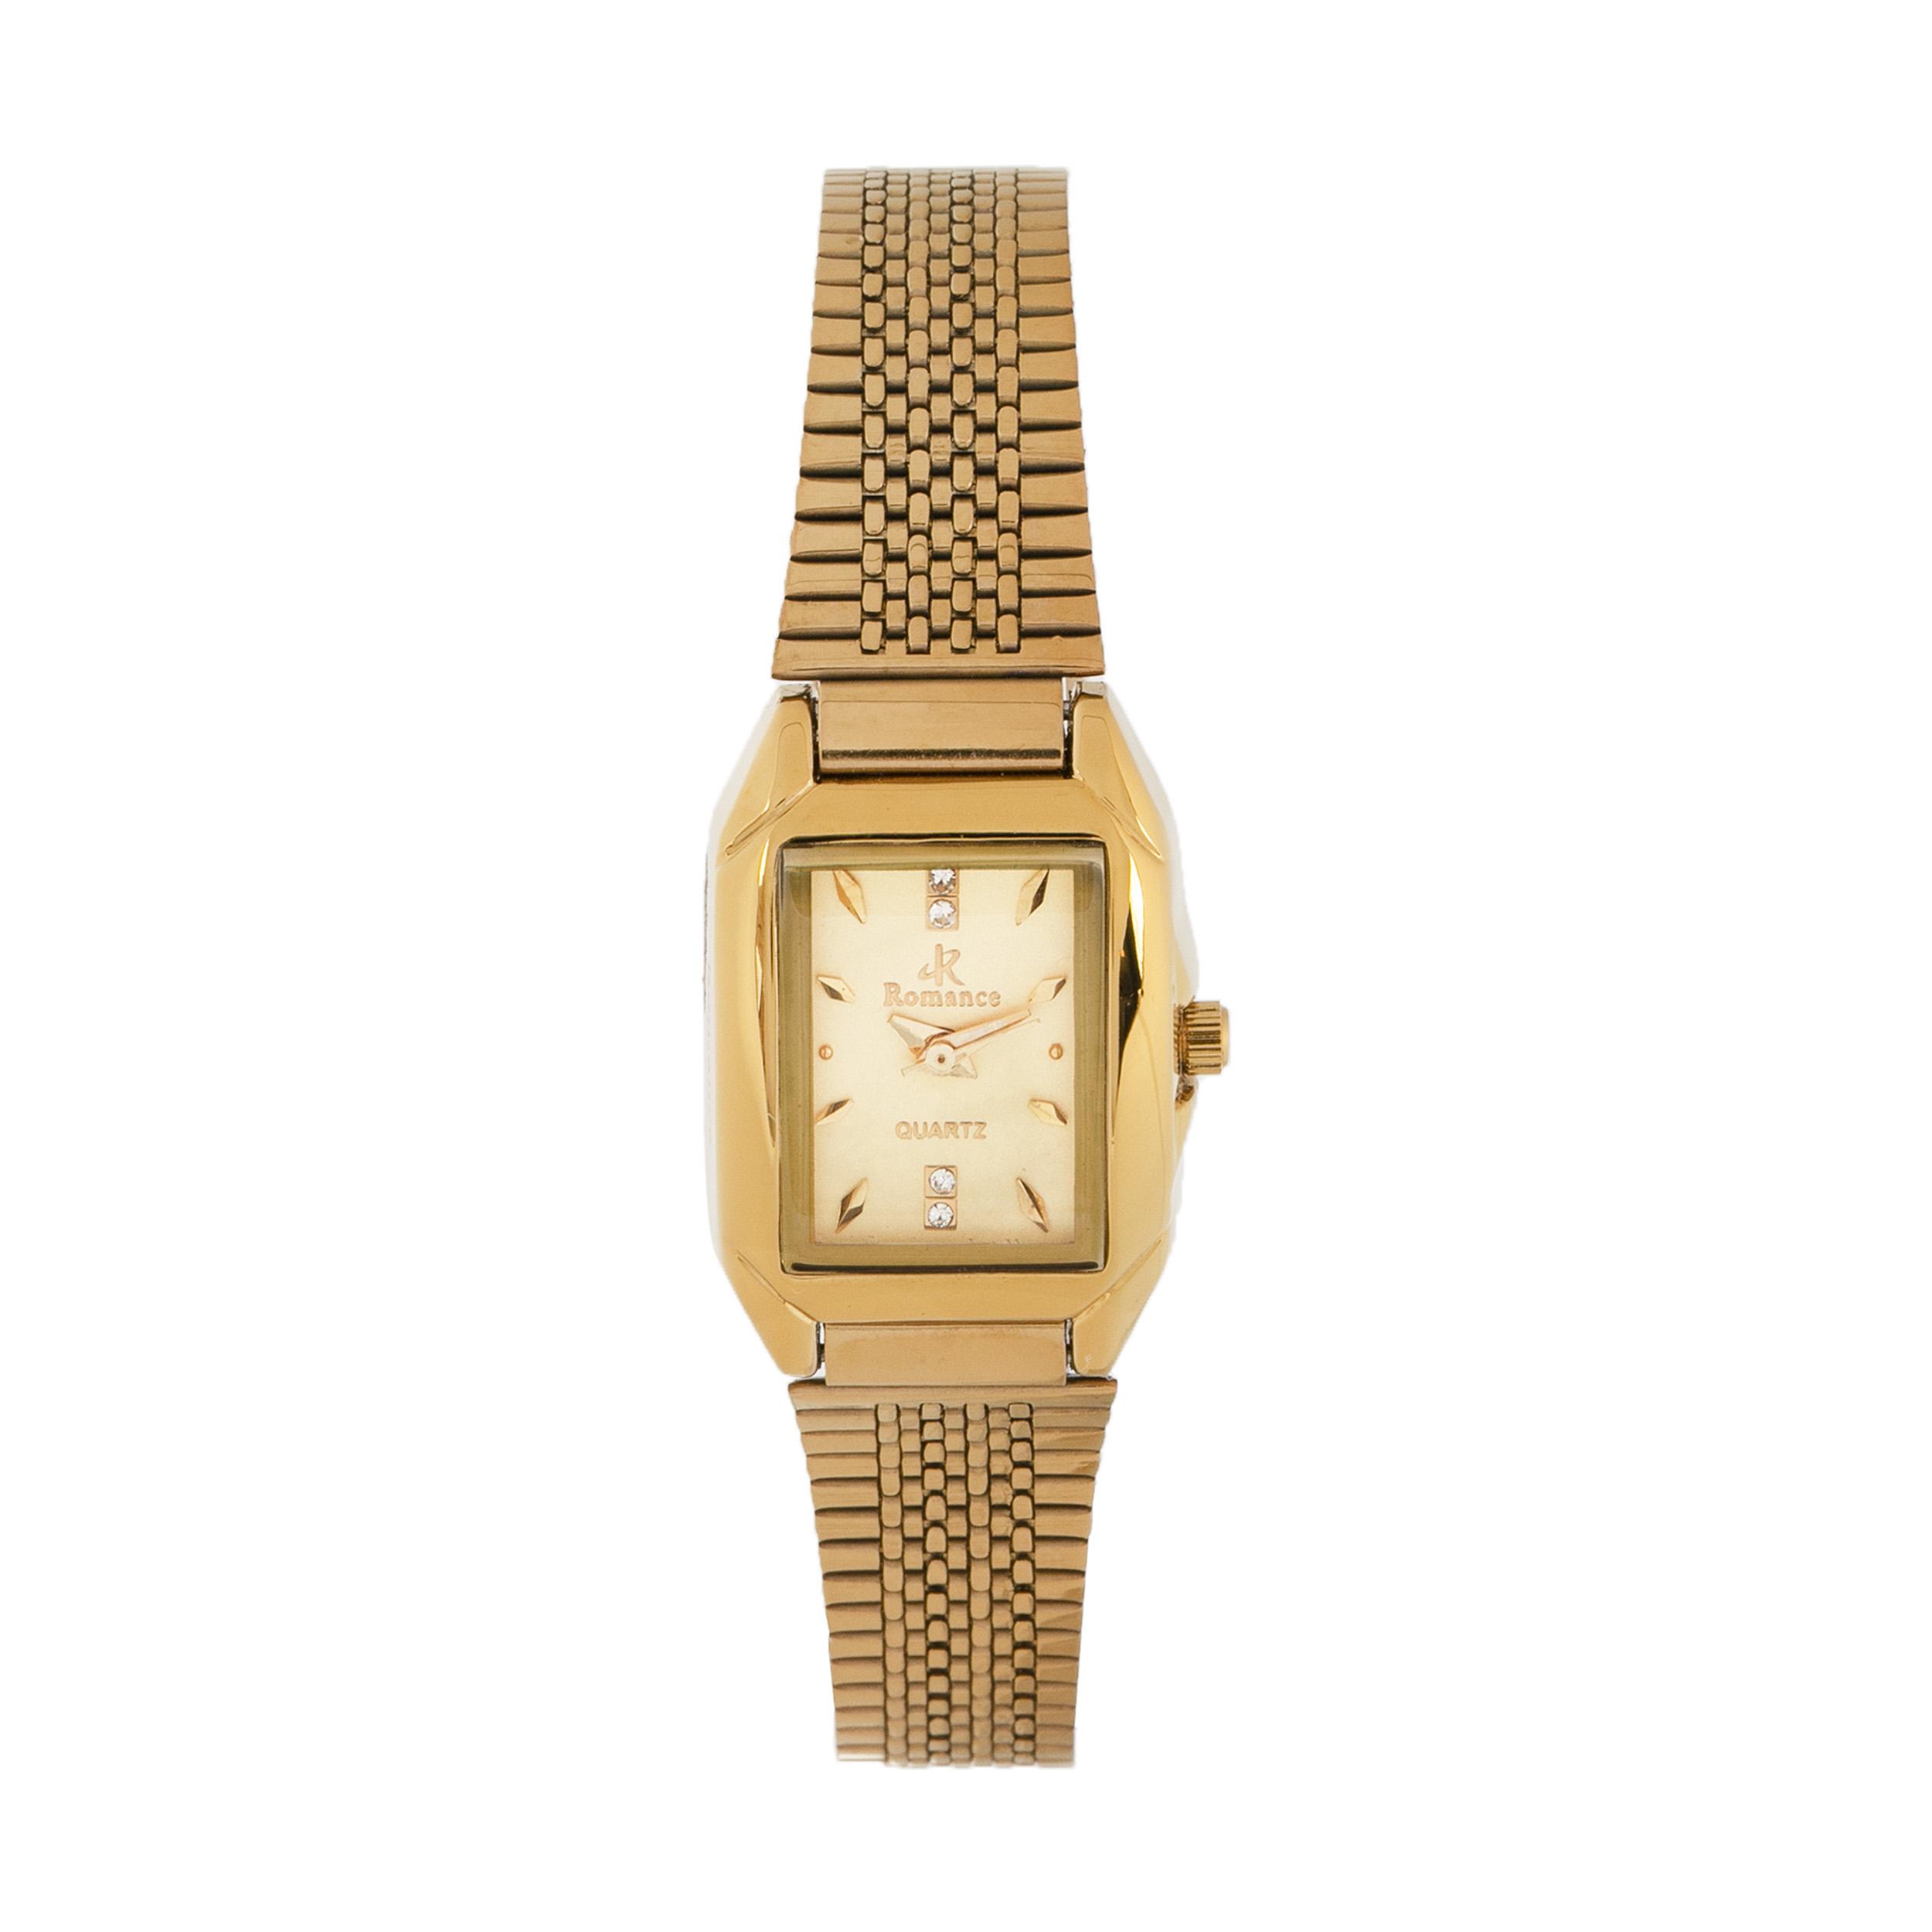 ساعت مچی عقربه ای زنانه رومنس مدل RM-025L